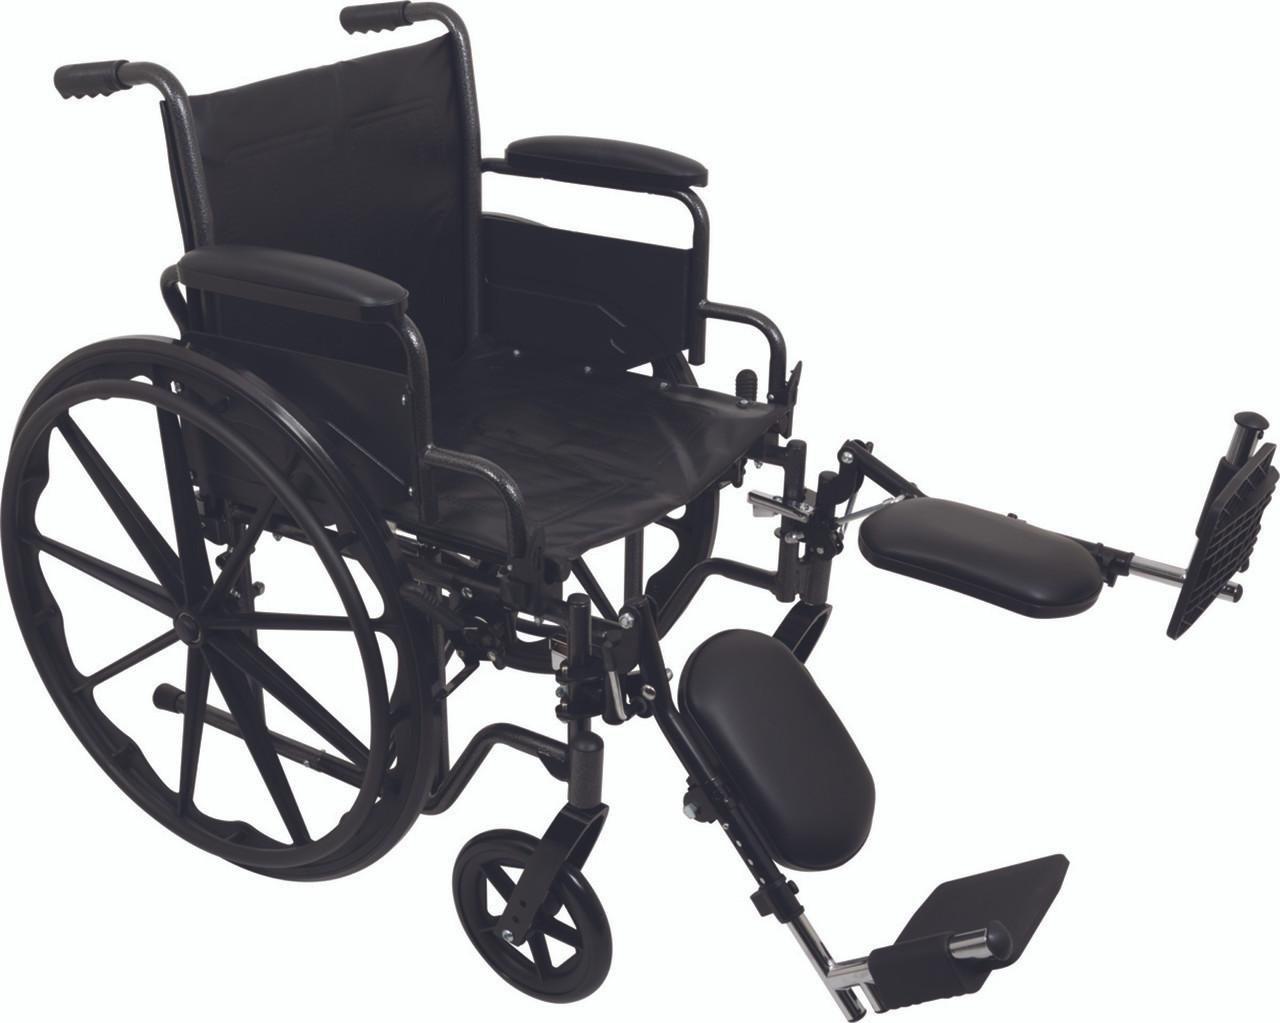 Invacare ivc 9000 xt custom manual wheelchair | 1800wheelchair. Ca.